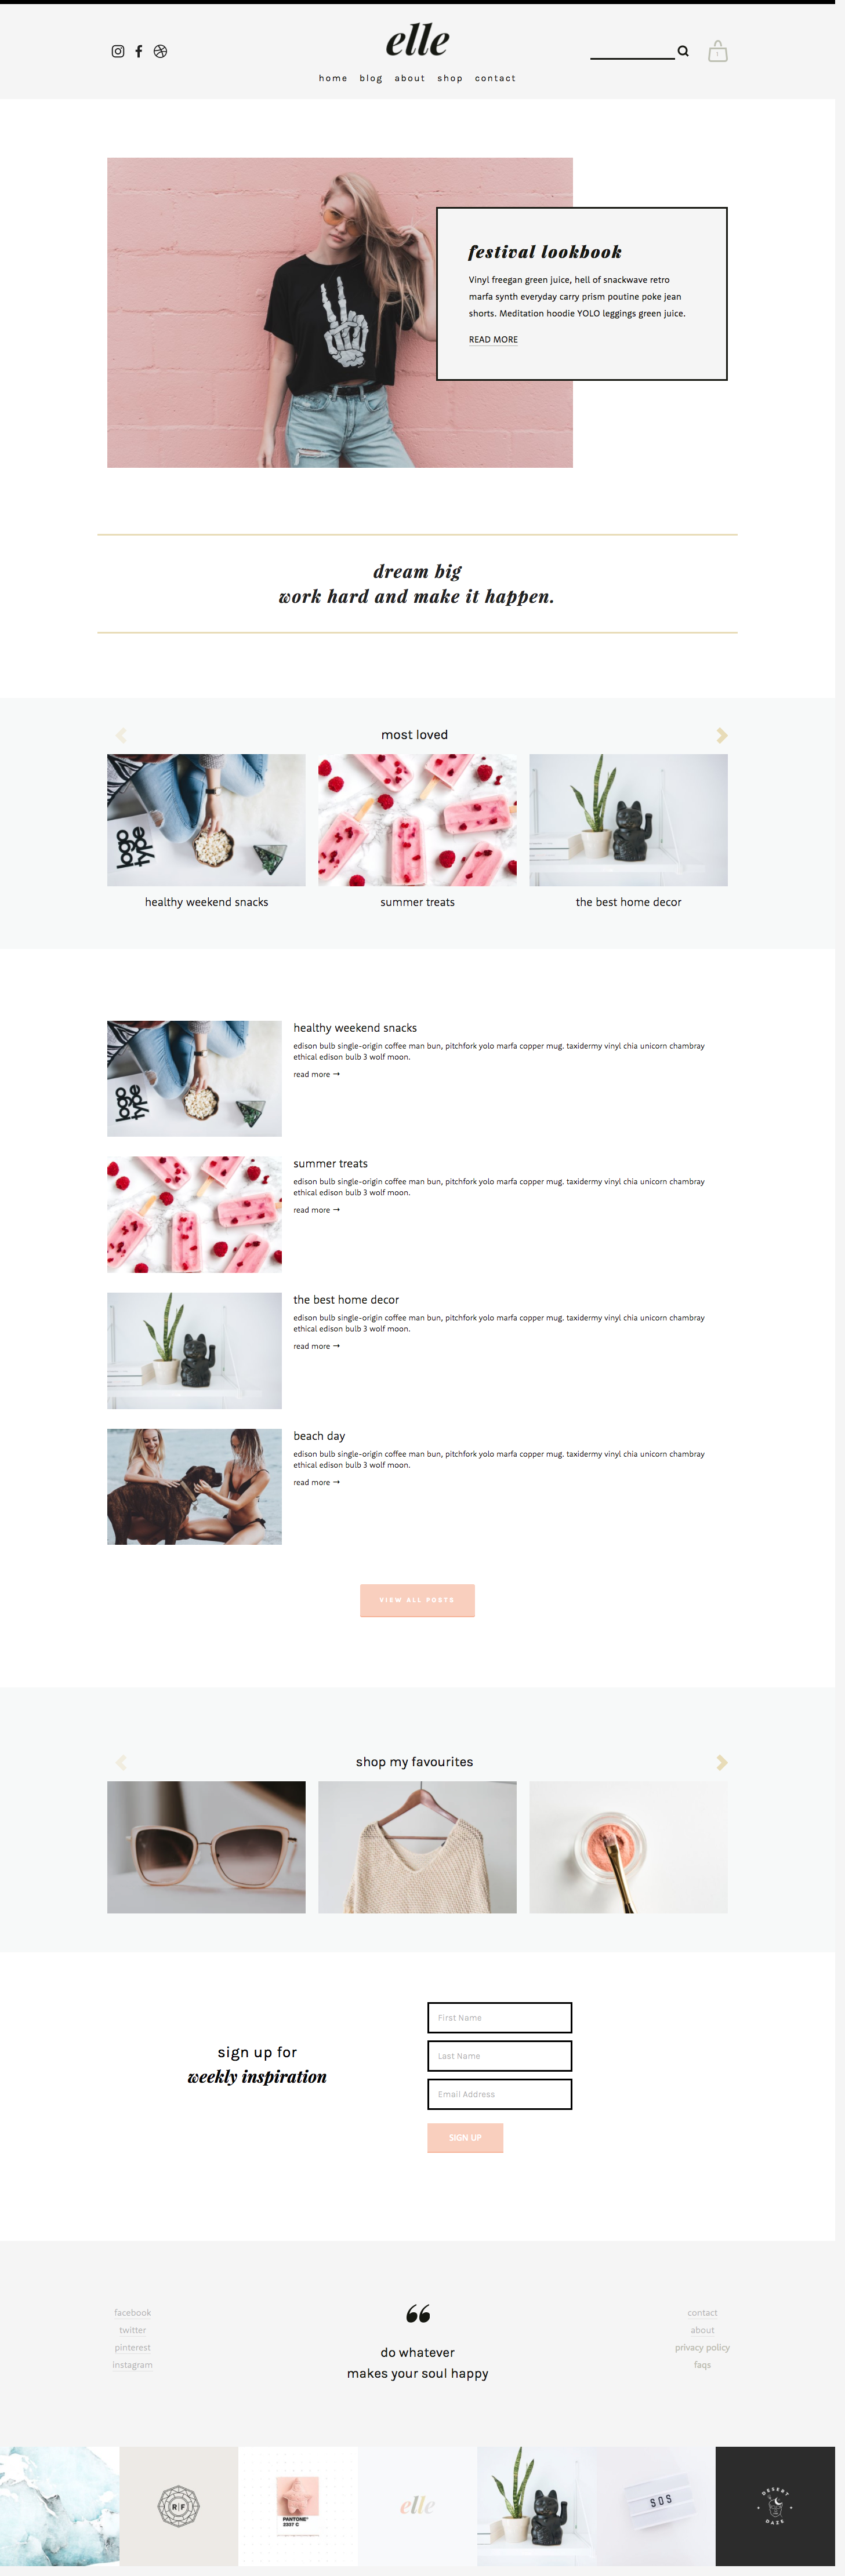 Website Design Ideas Image By Lady D Squarespace Templates Web Development Design Simple Website Design